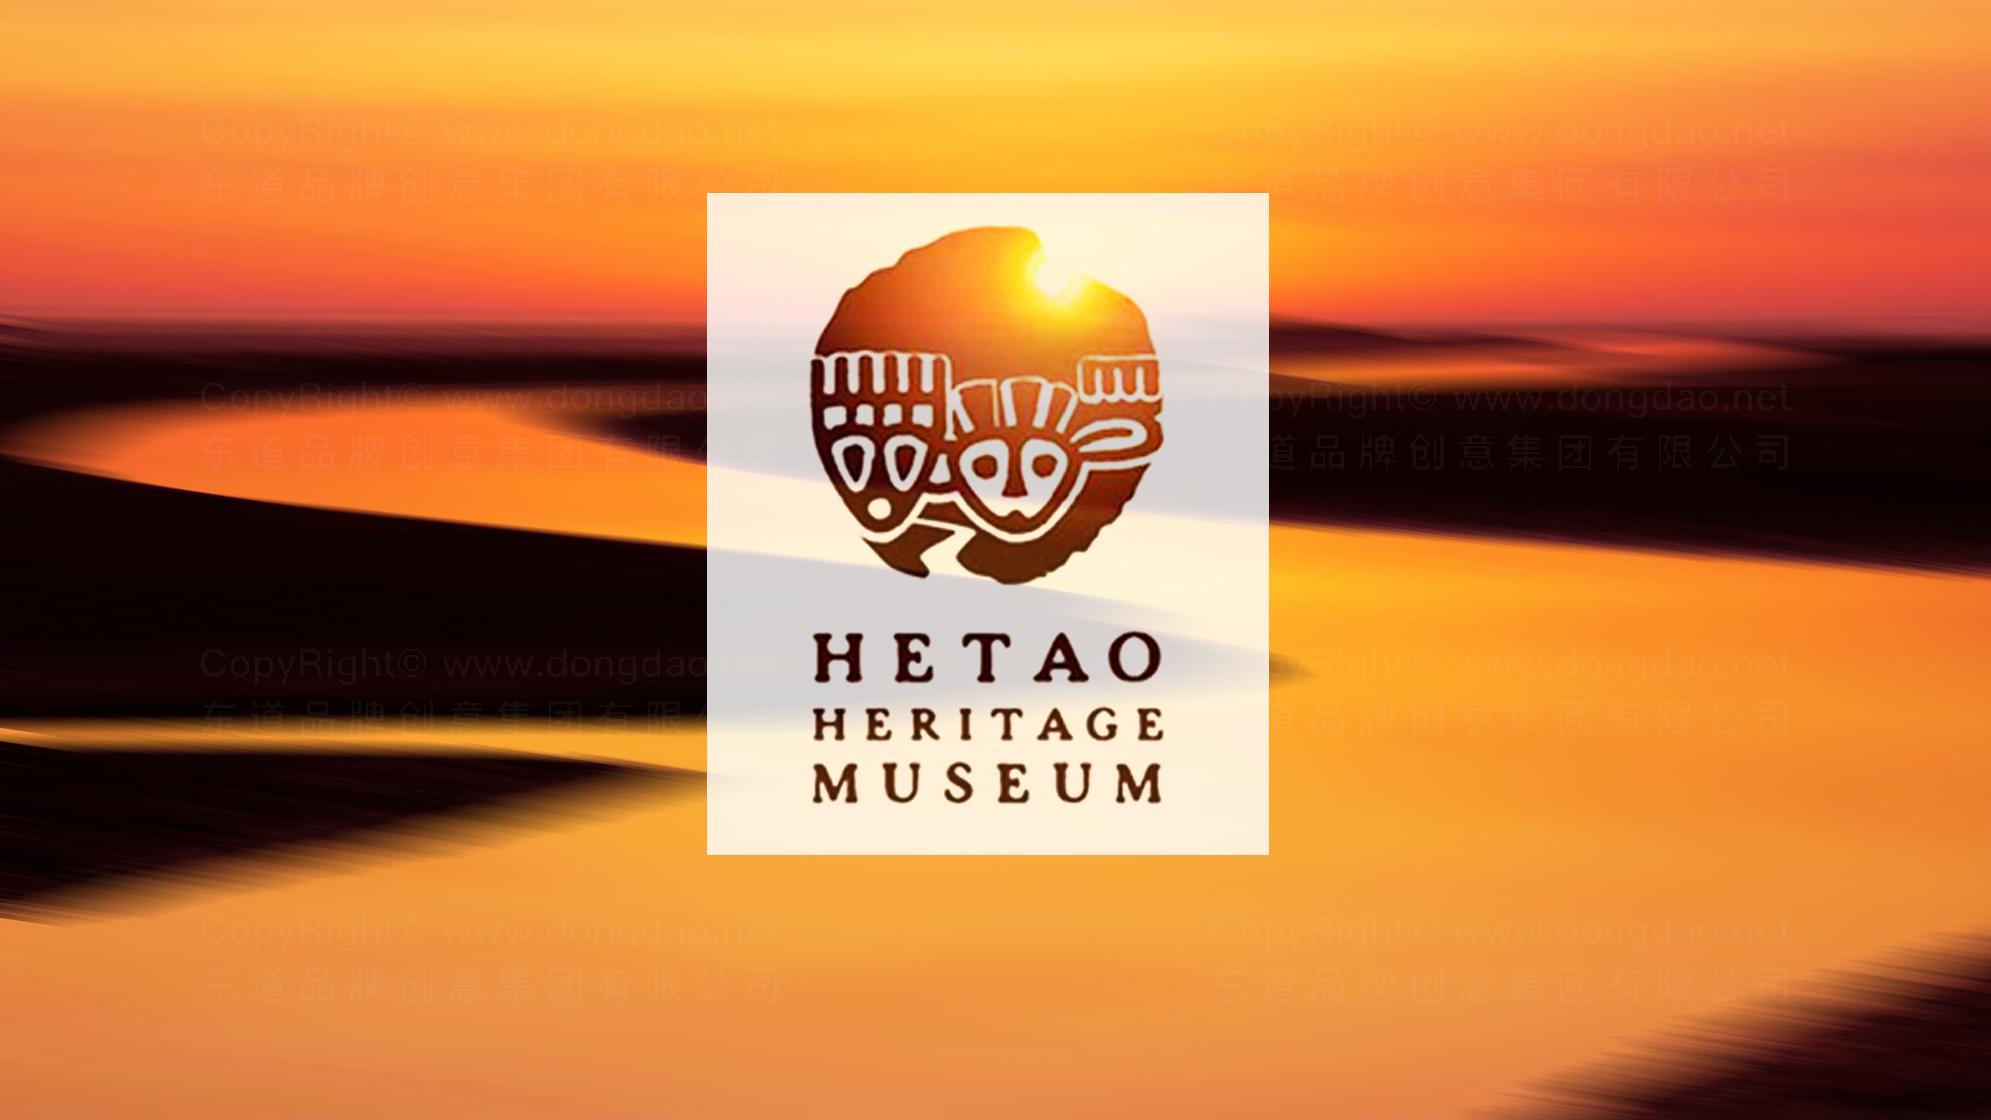 河套文化博物馆LOGO设计、VI设计